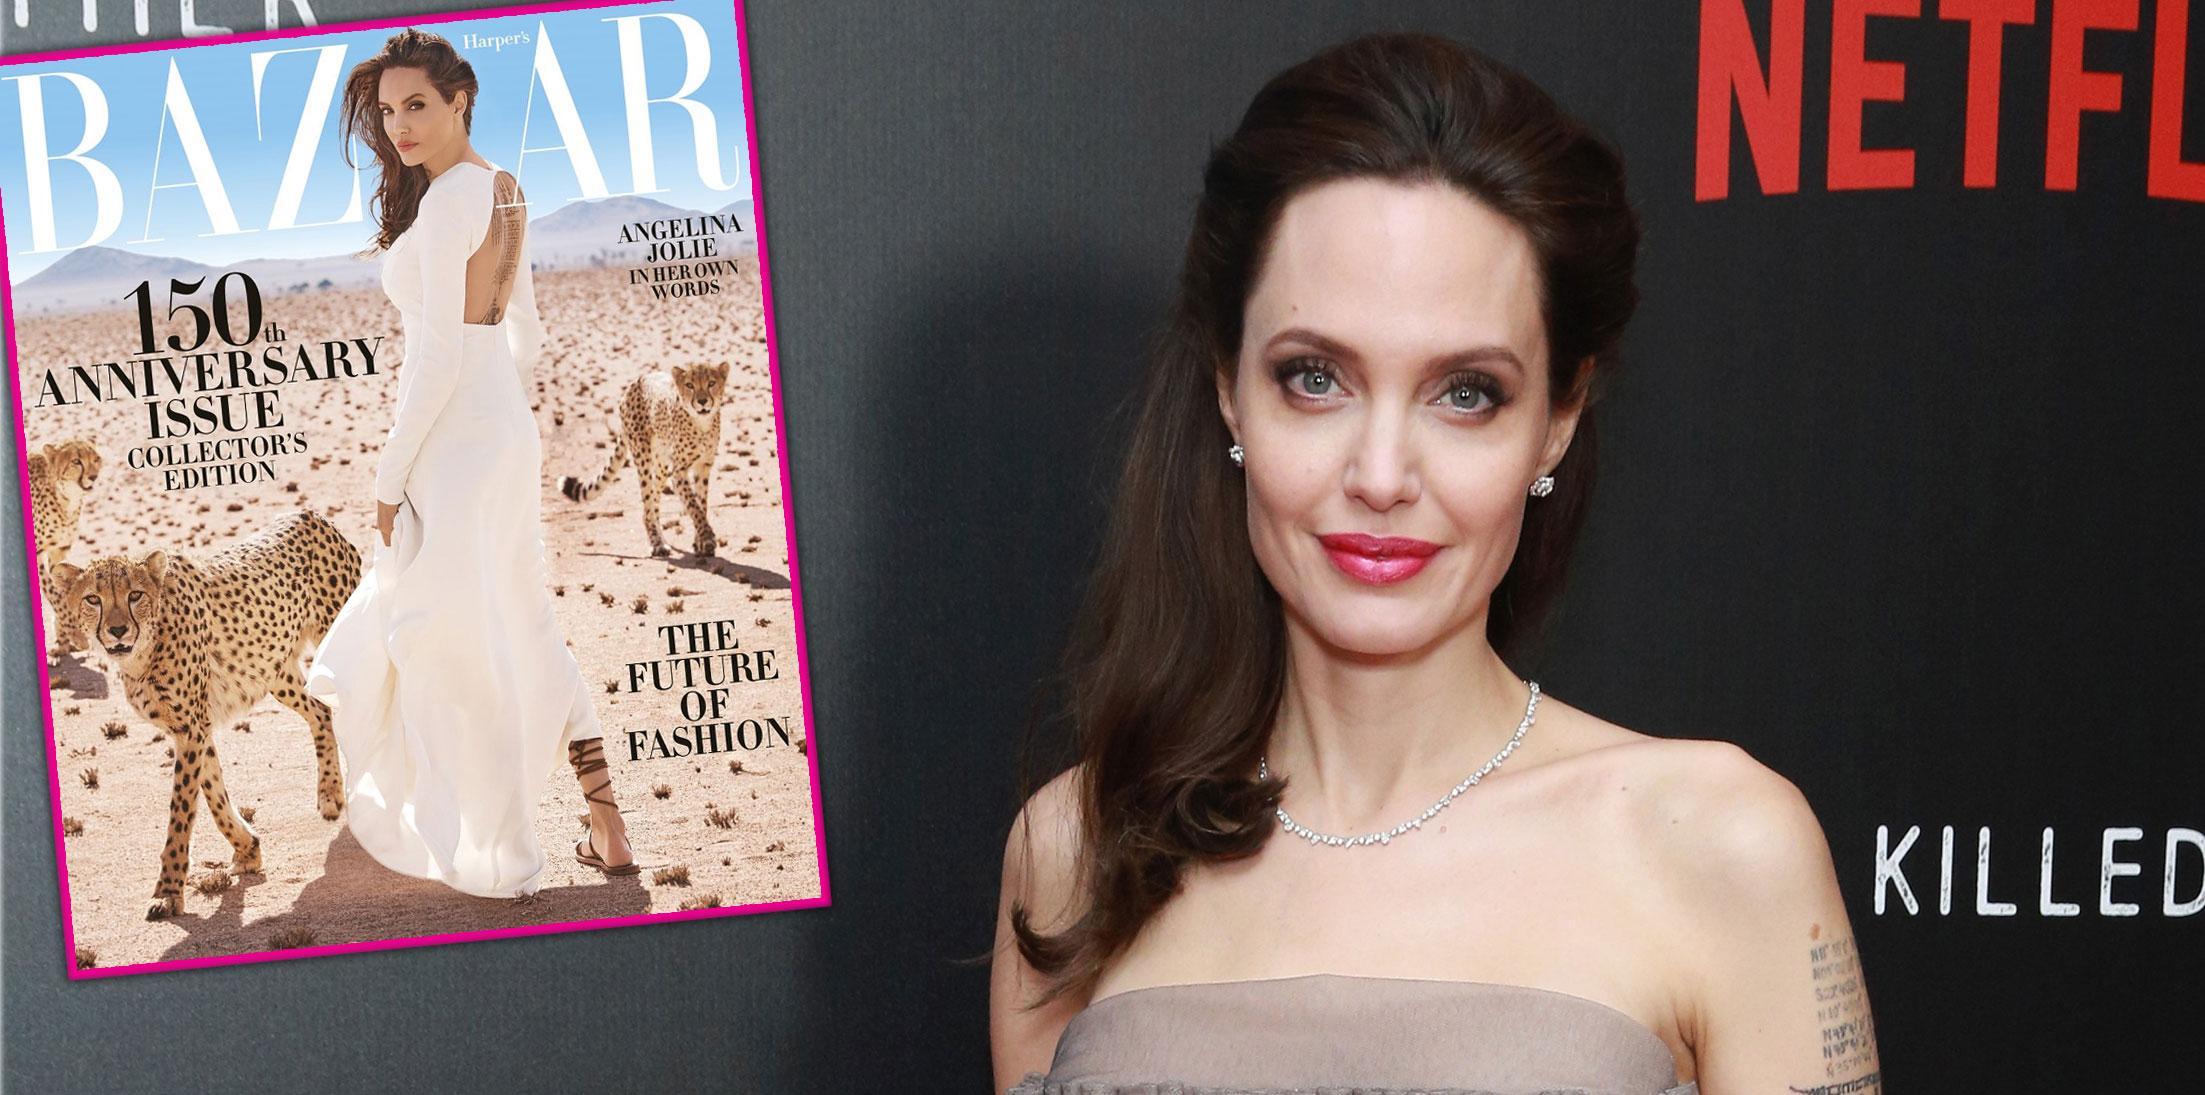 Angelina Jolie Harpers Bazaar Harvey Weinstein Pics Long